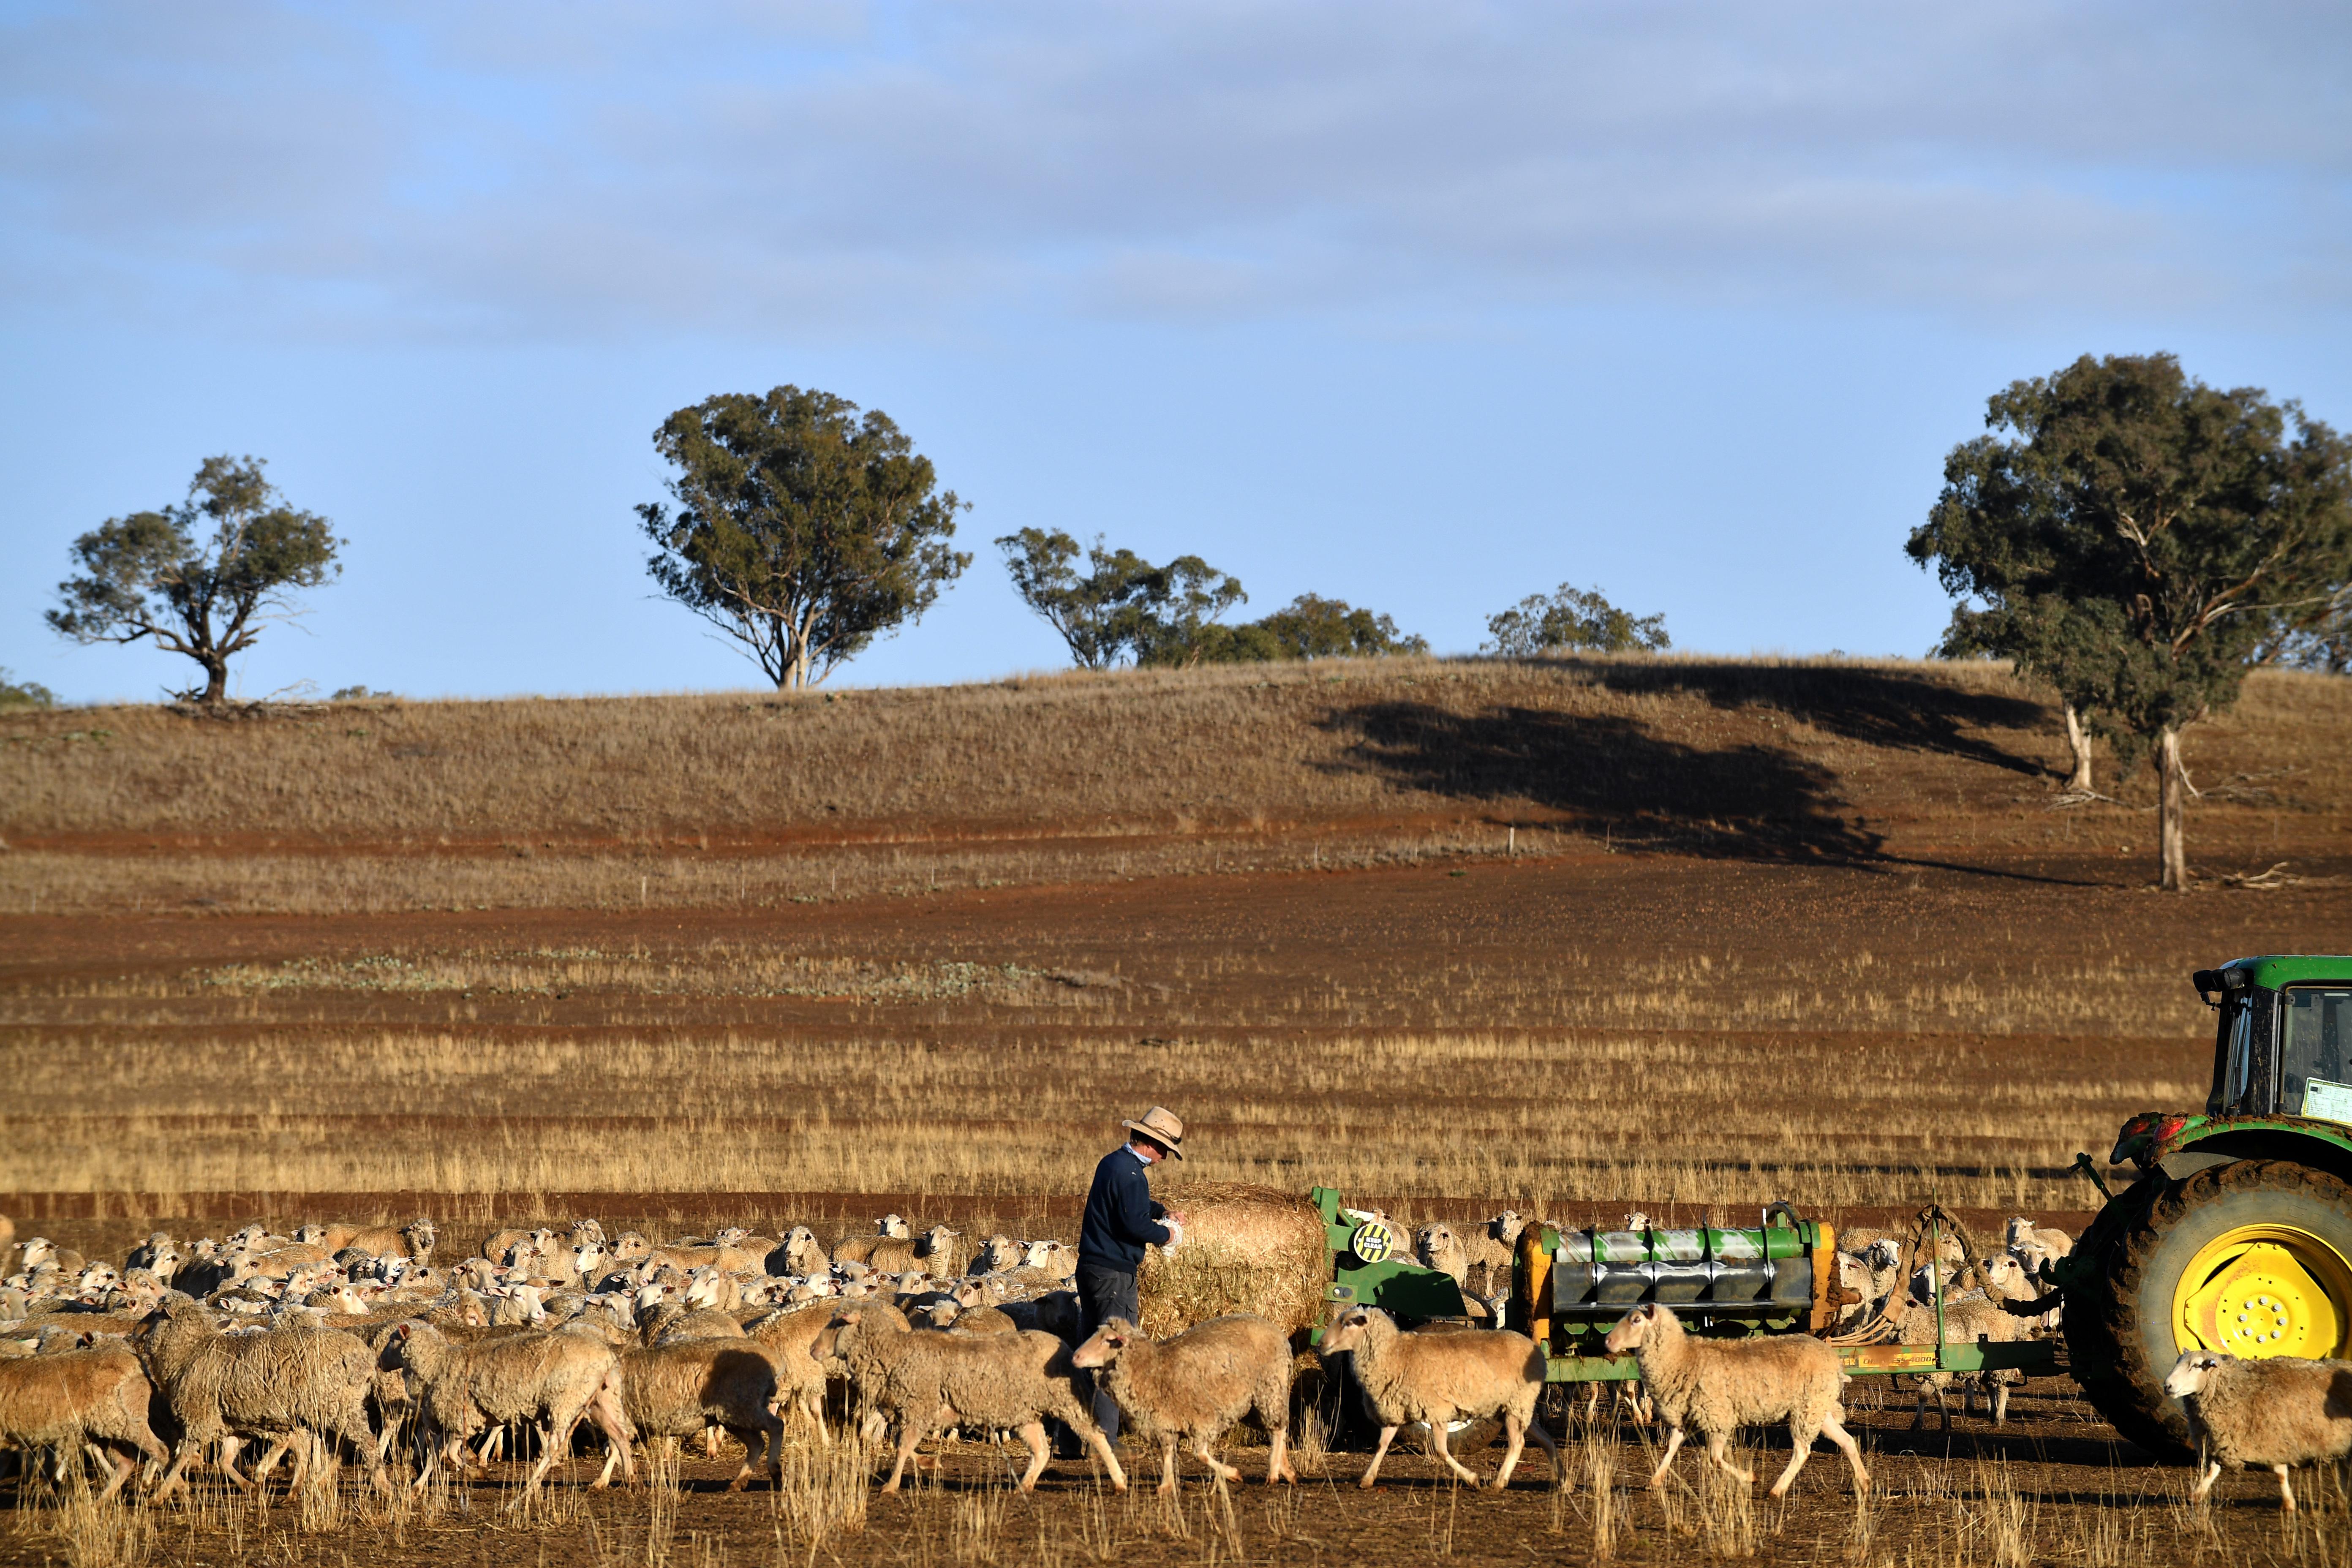 Un agriculteur nourrit ses moutons avec une balle de foin, sa terre étant trop sèche pour que l'herbe...